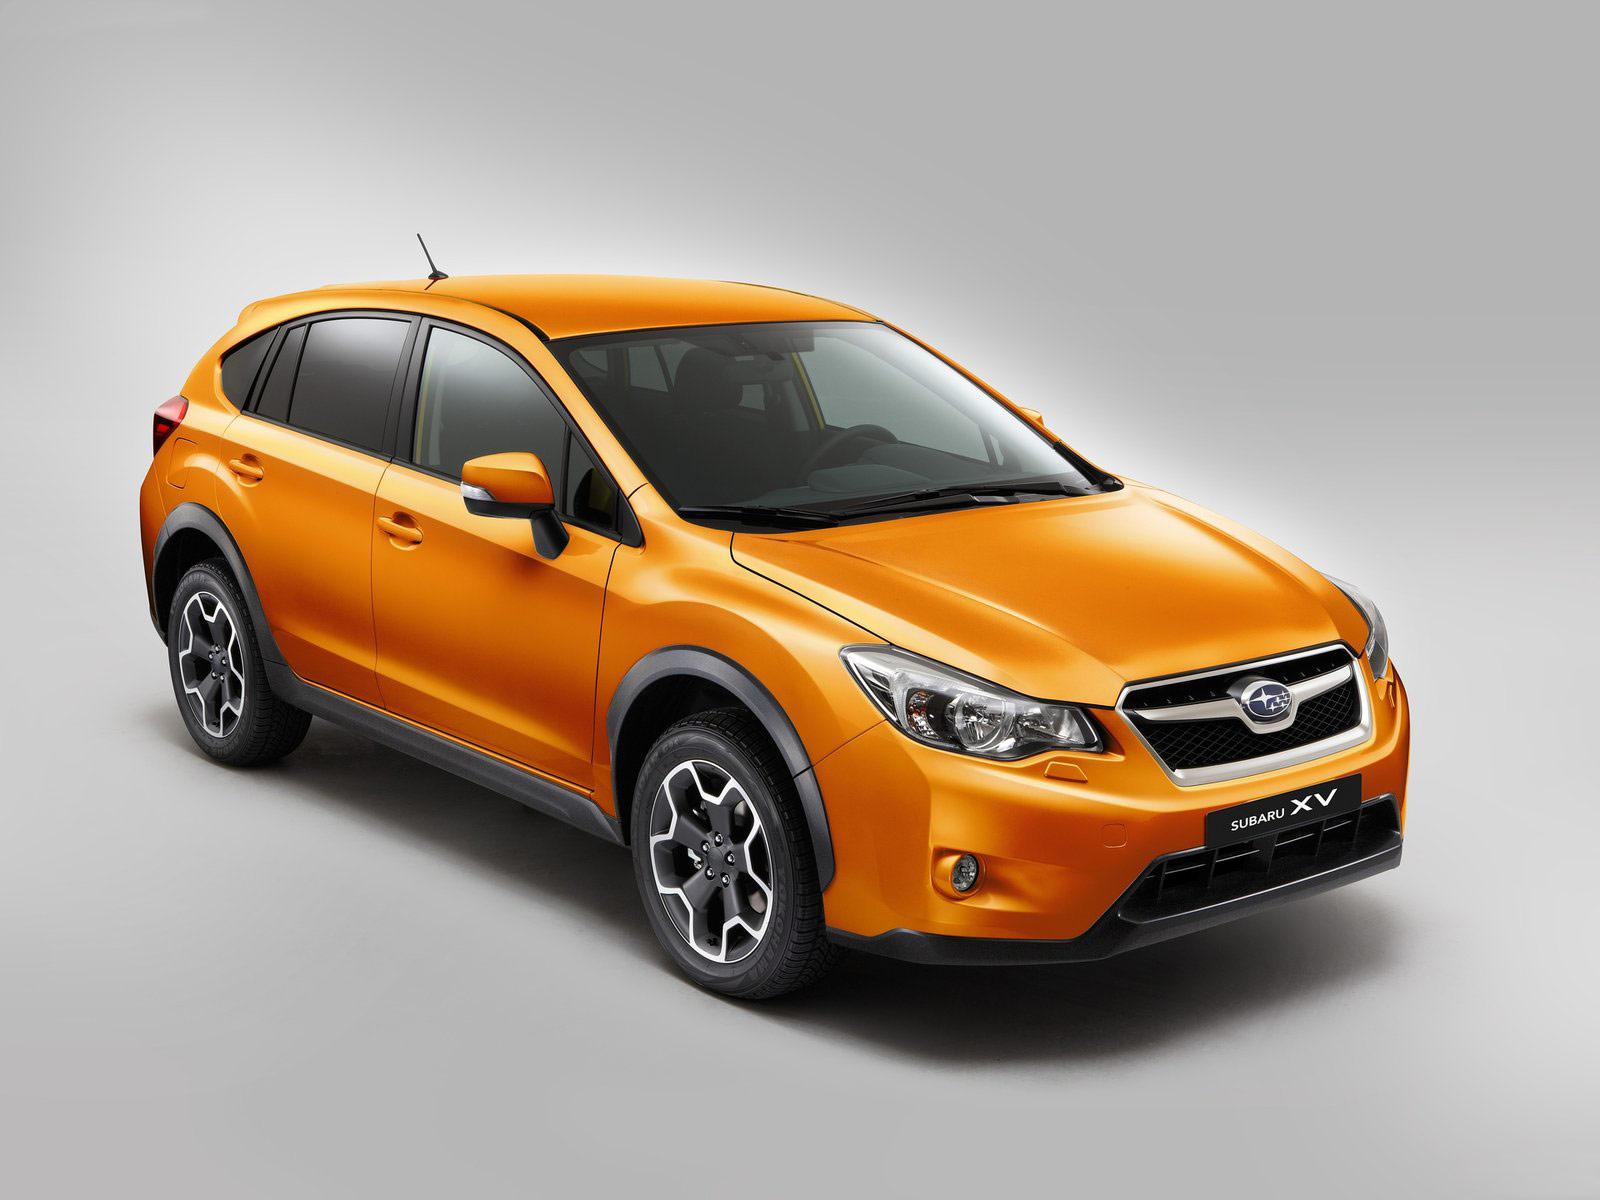 http://2.bp.blogspot.com/-U9gAEWMxLUc/TnLD81rgXmI/AAAAAAAADwU/6tB10a5ClAY/s1600/2012_Subaru-XV_japanese-car-wallpapers_06.jpg